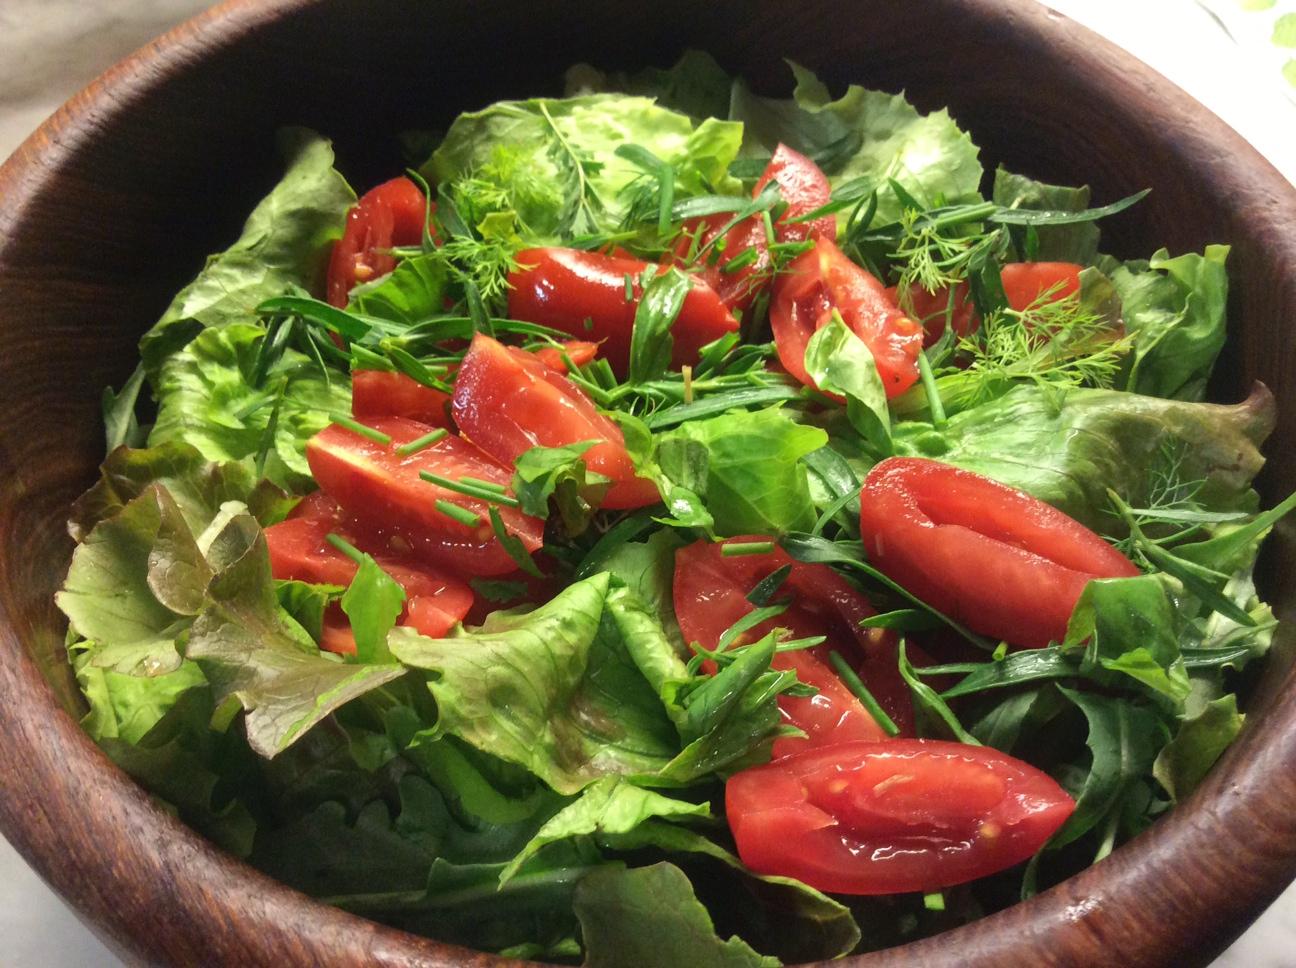 Nella foto si vede un'insalata di lattuga, pomodori ed erbe